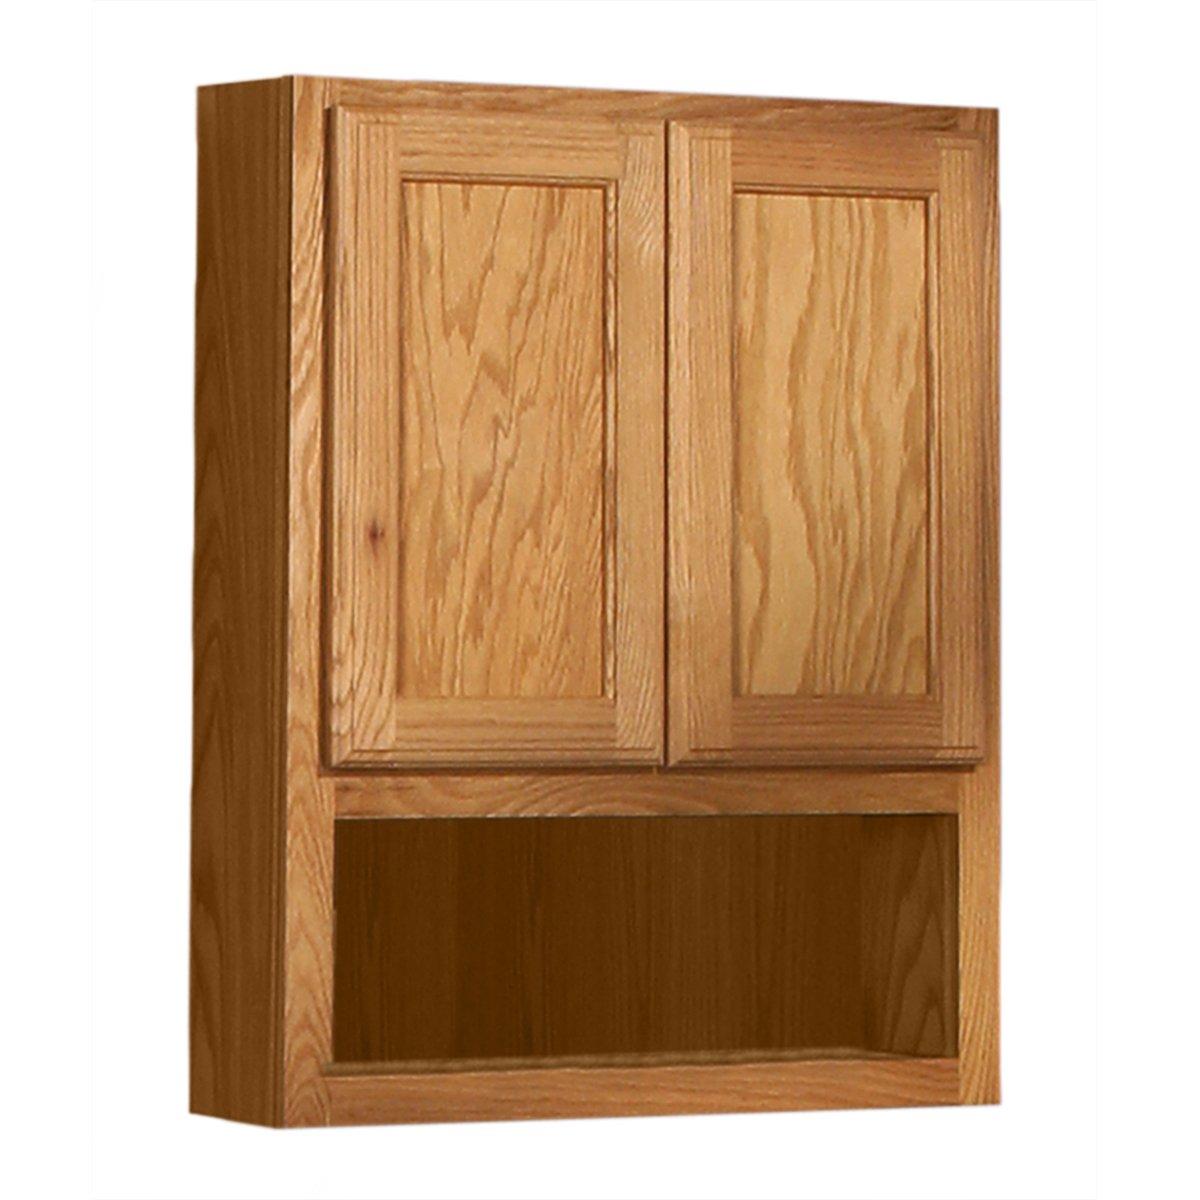 ... BOJ 249 Bostonian Series Red Oak With Honey Oak Finish Flat Panel Oak  Overjohn Cabinet, 24 Inch Wide By 30 Inch Tall By 6 Inch Deep: Home  Improvement